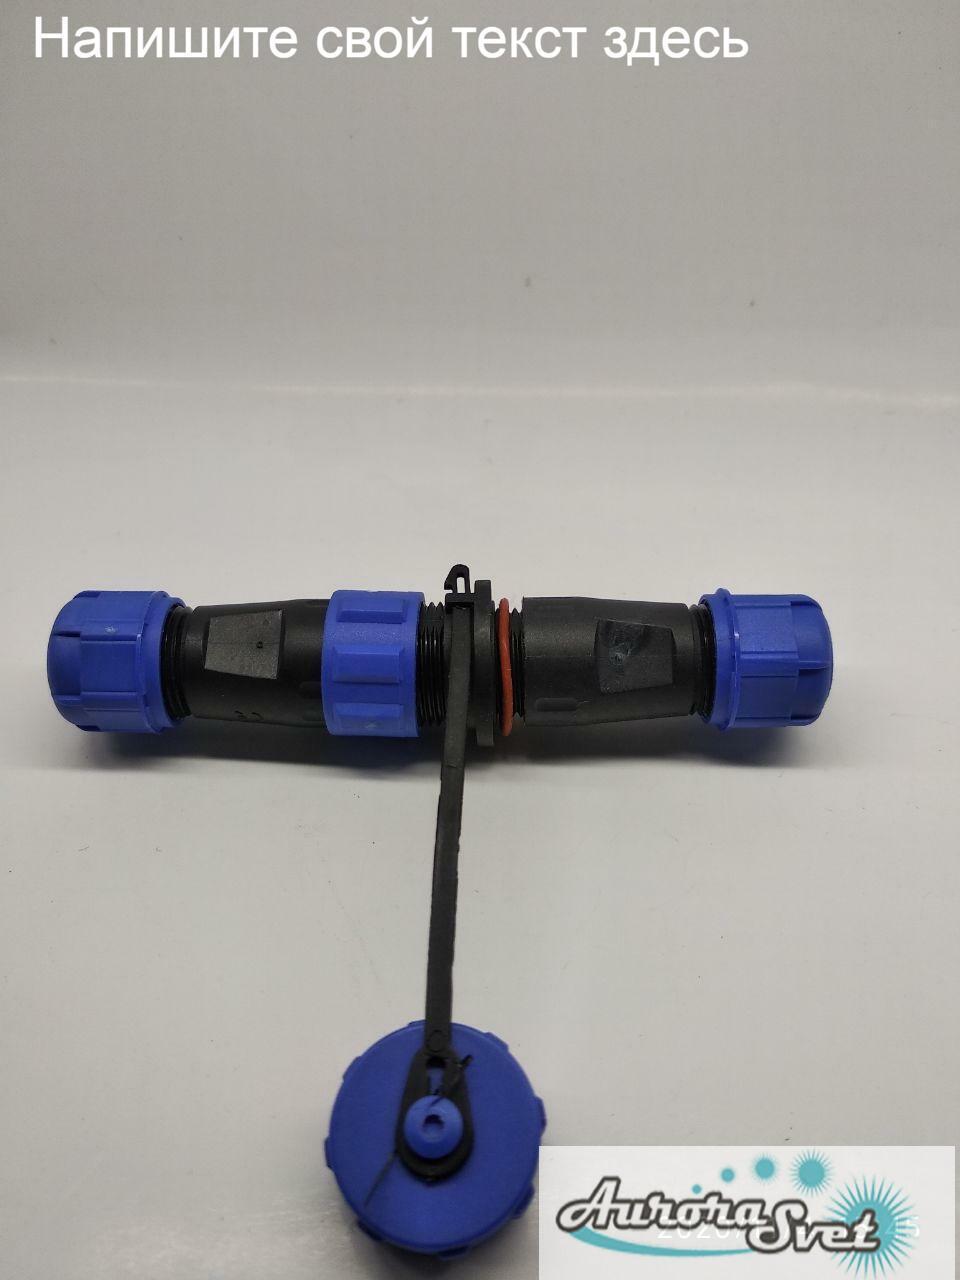 Роз'єм межкабельный водонепроникний ip68 10А md16 2-х контактний.Герметичний з'єднувач кабелю